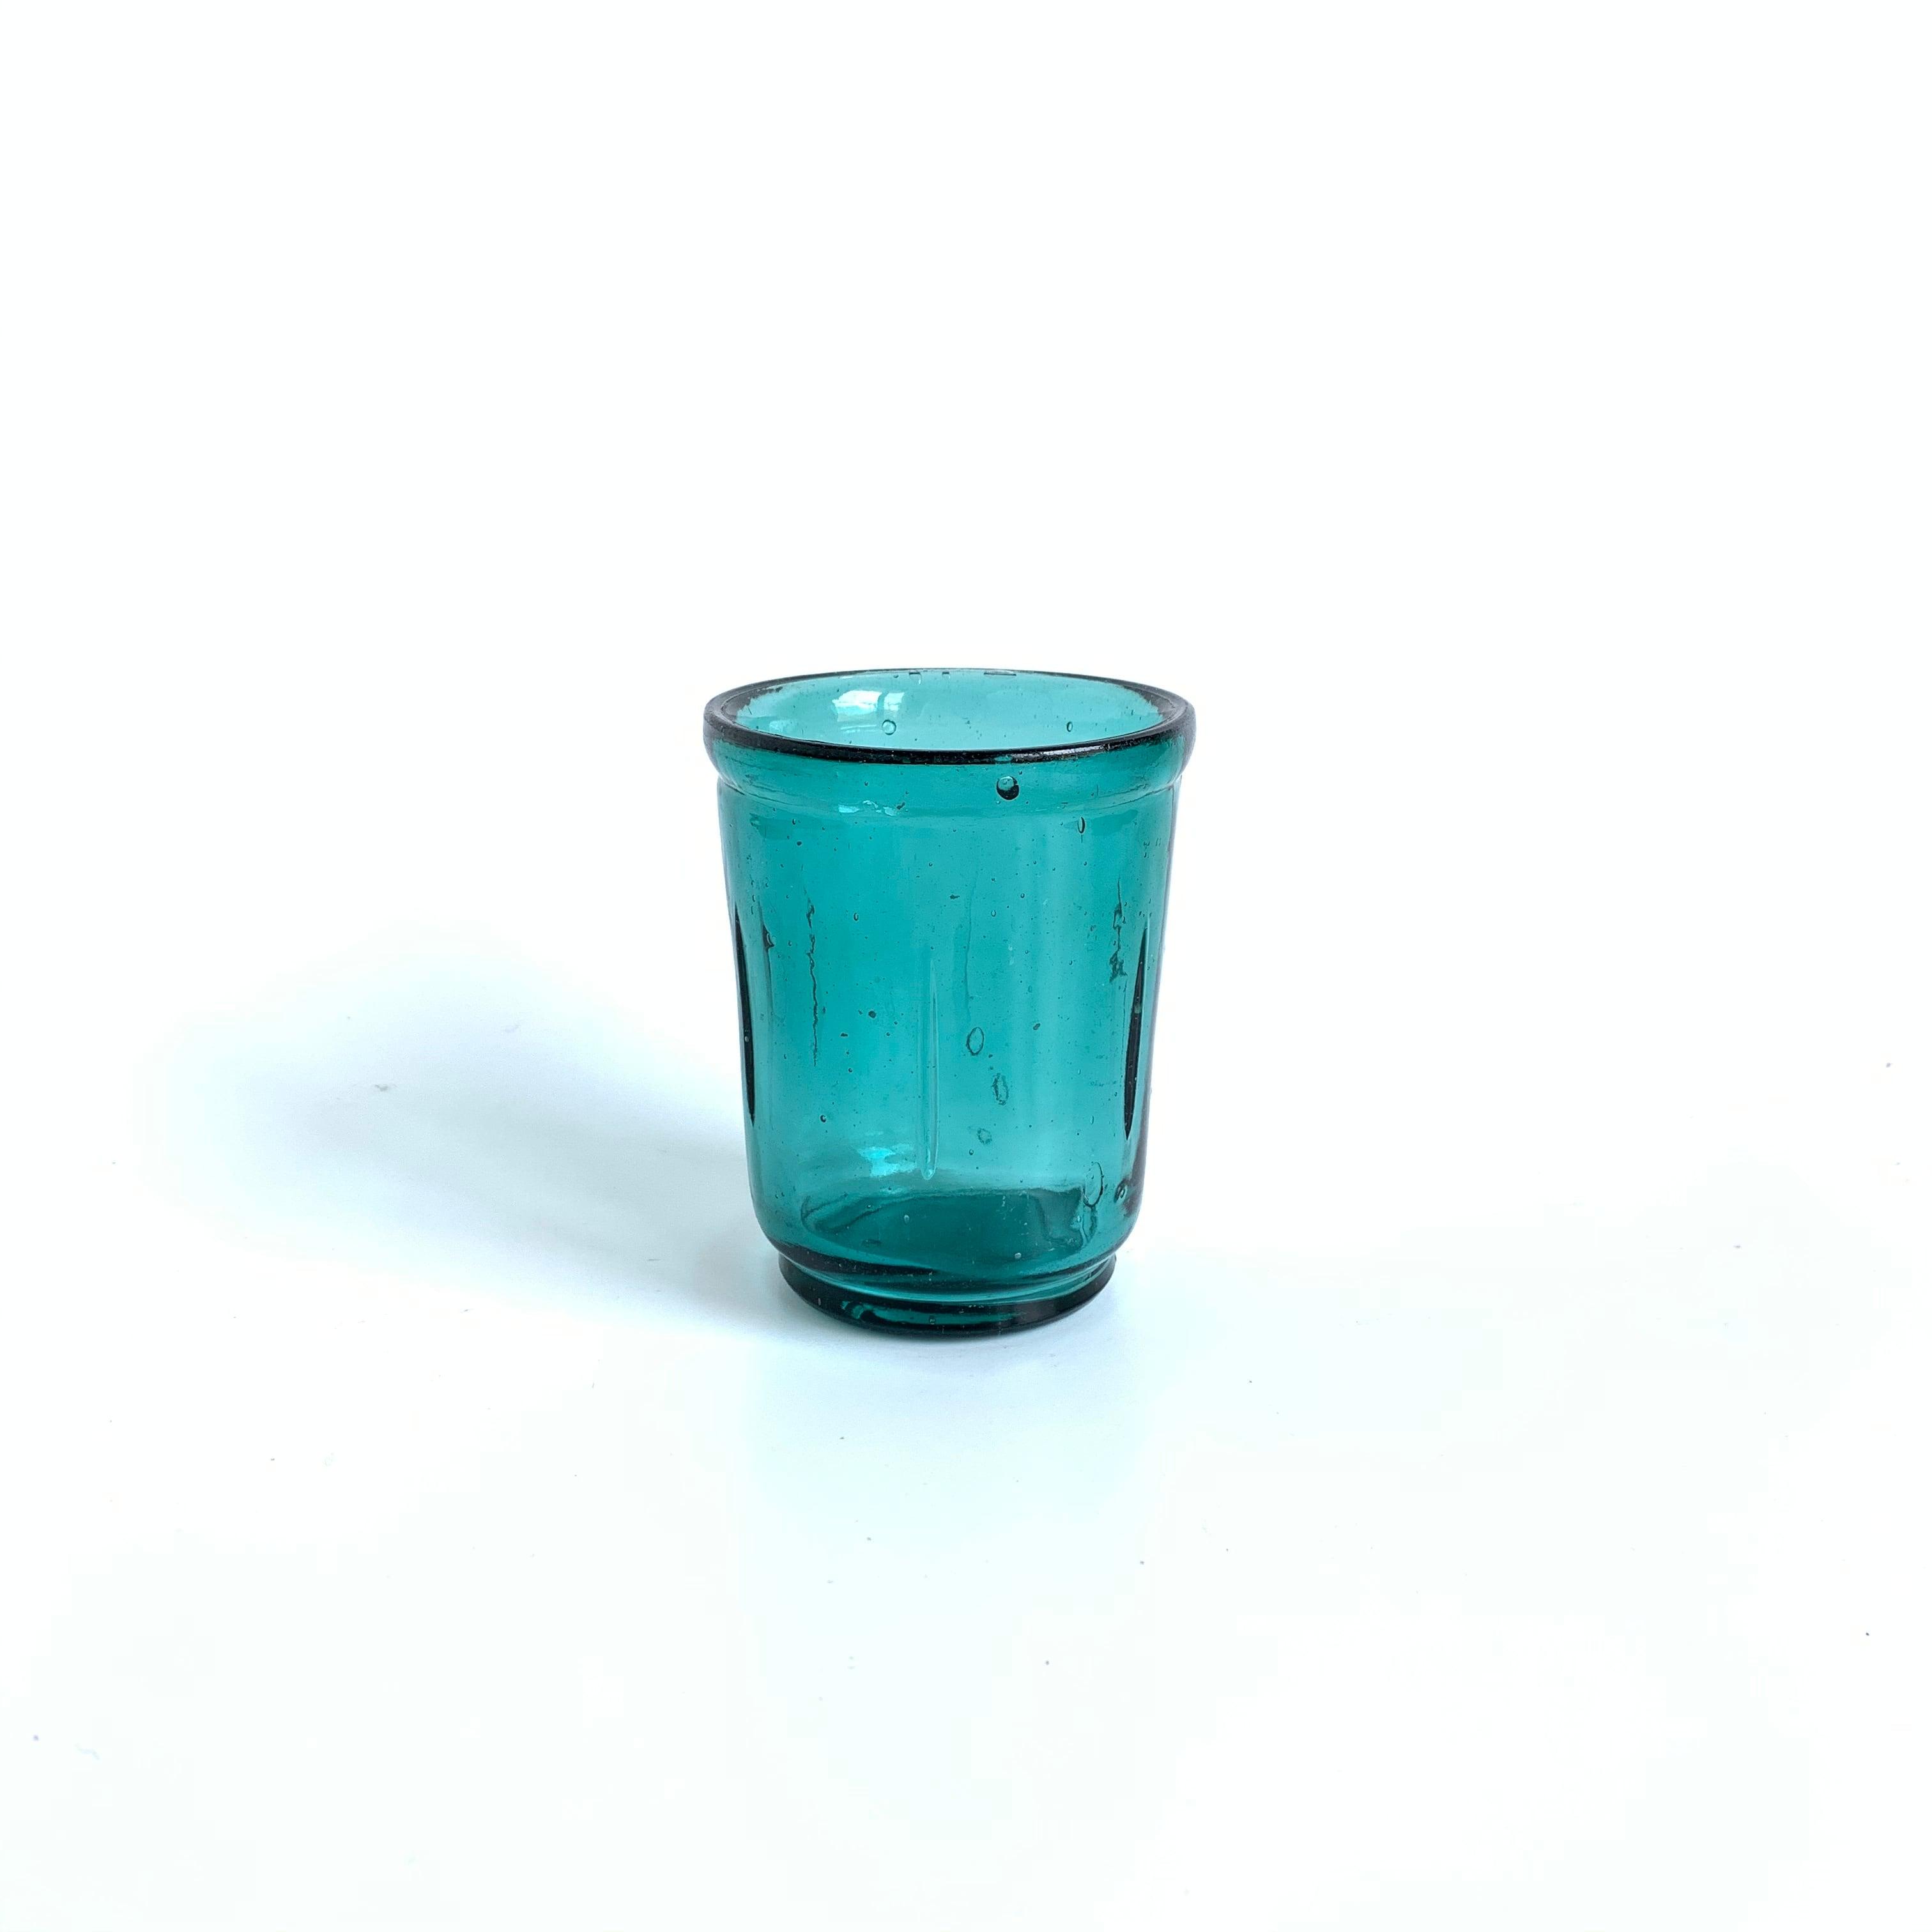 Johannislund / Green Glass (c)